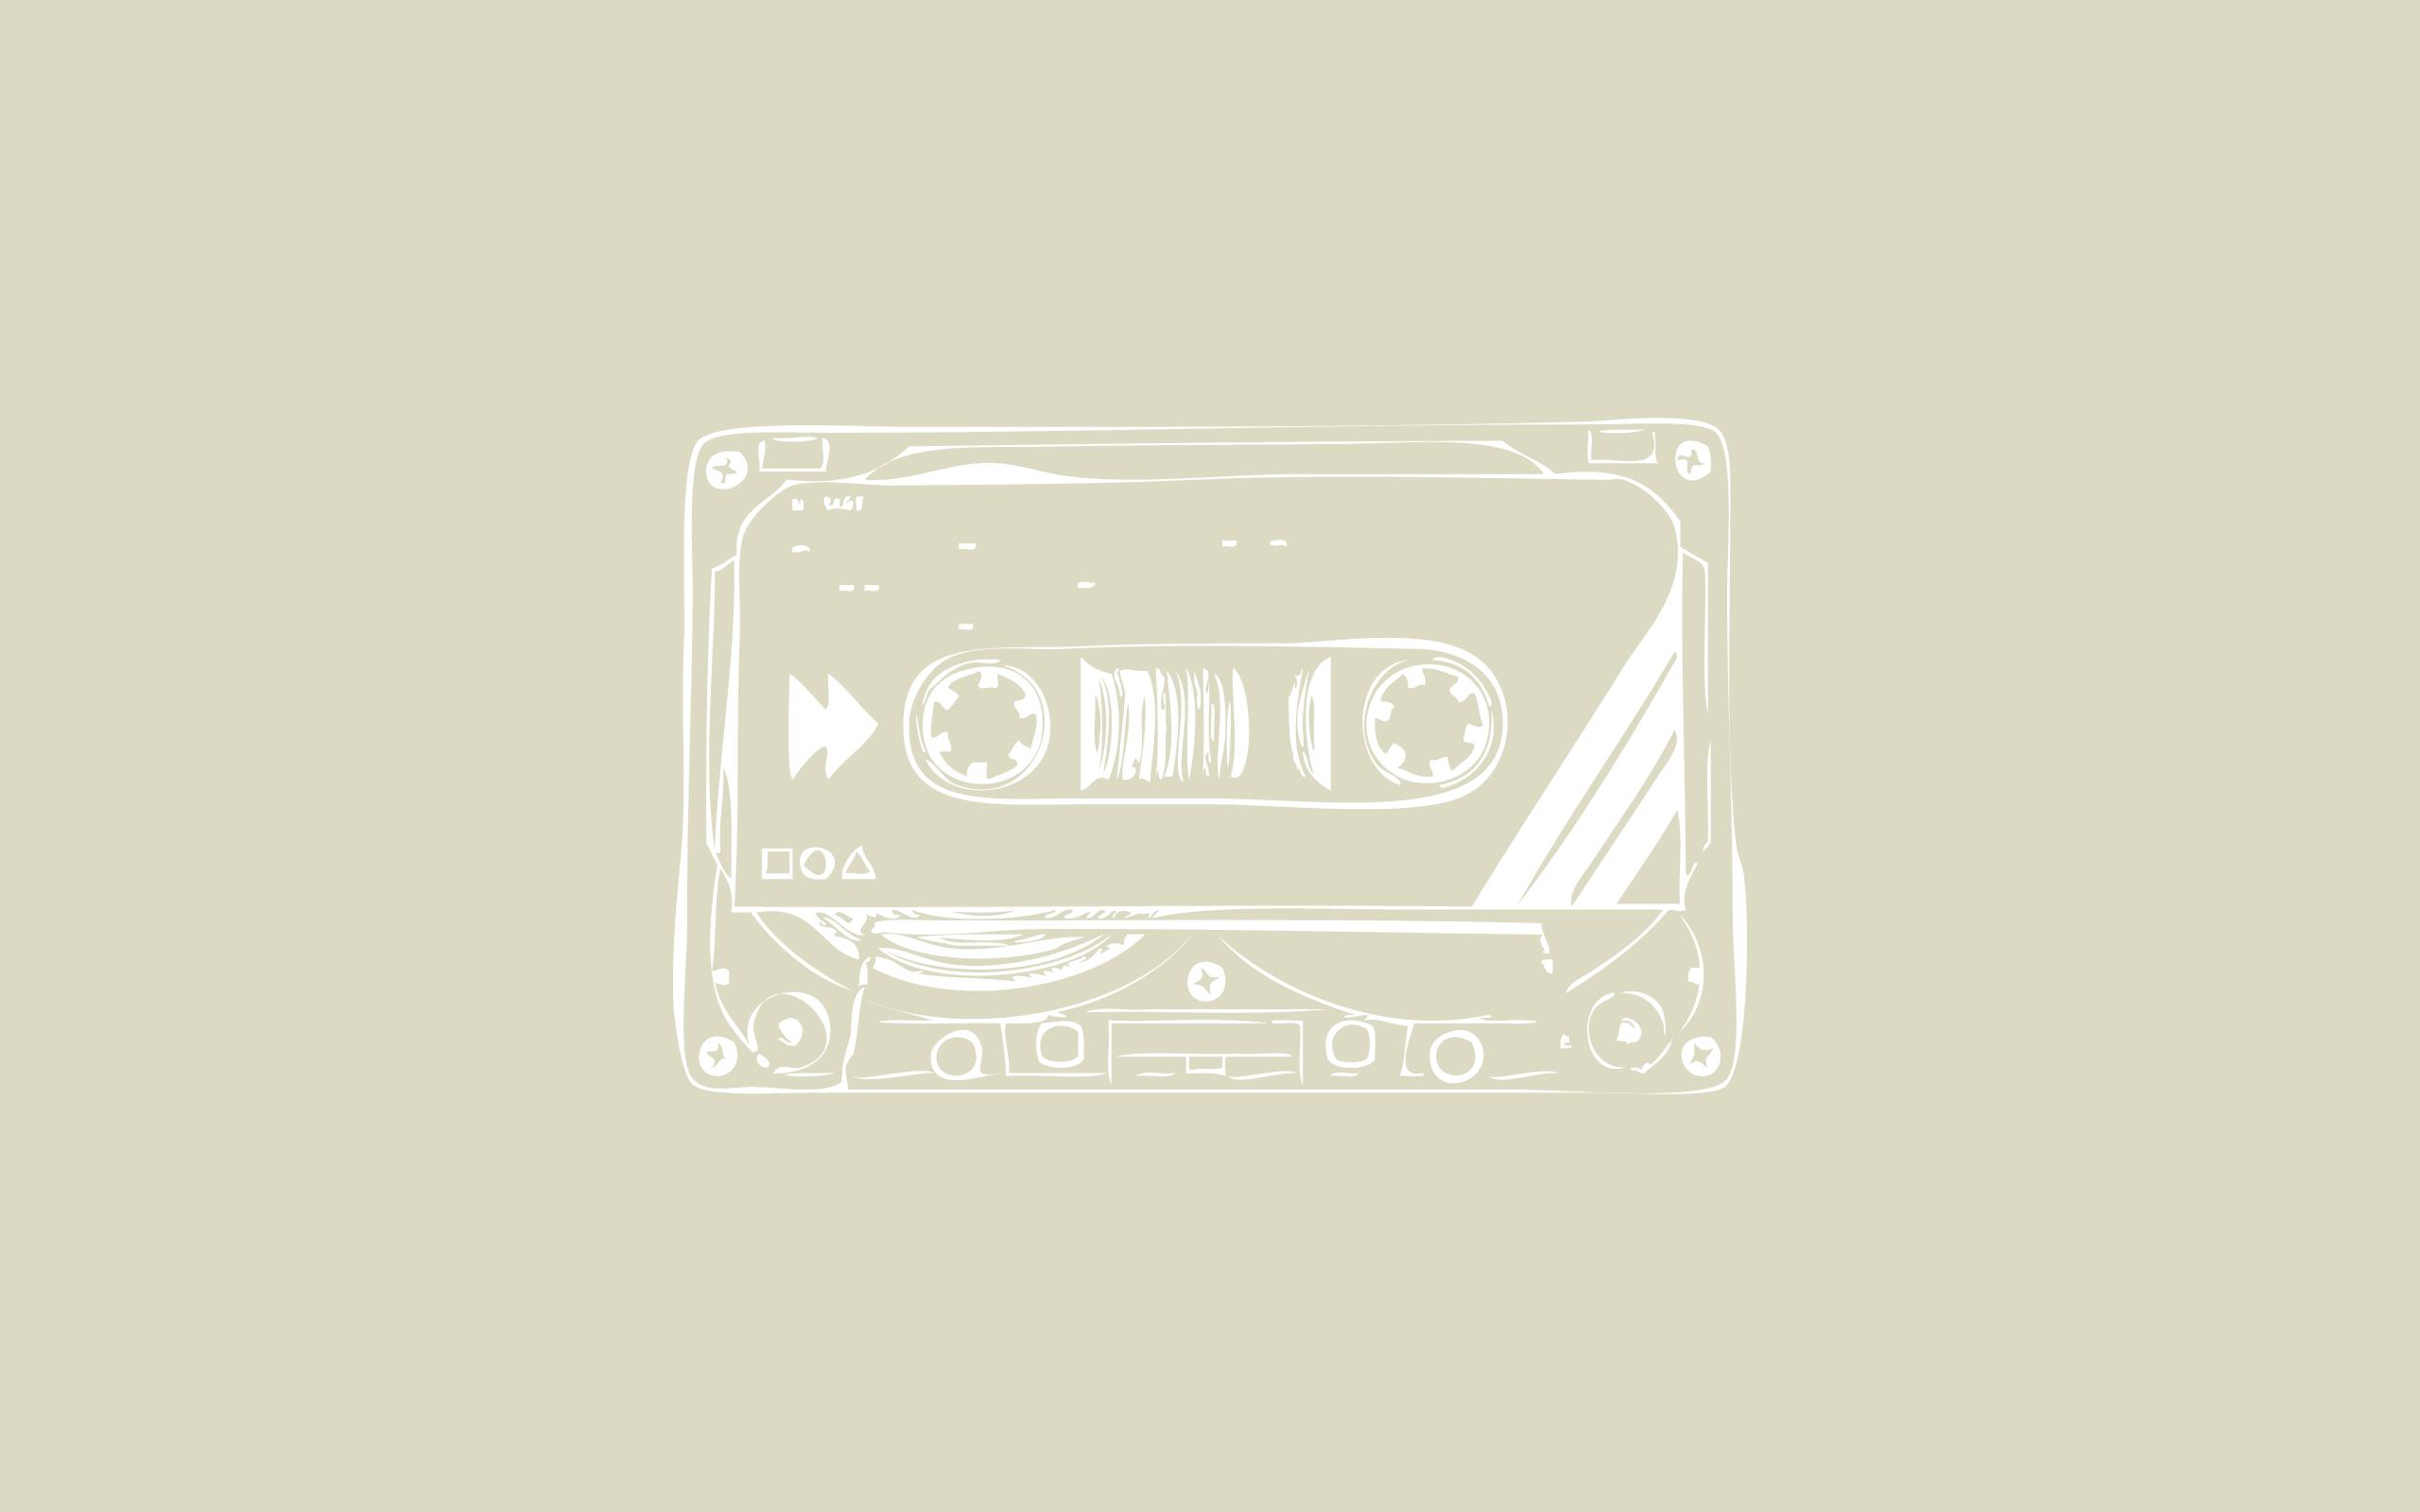 カセットテープ 壁紙 : オシャレでセンスある!可愛い!pcデスクトップ